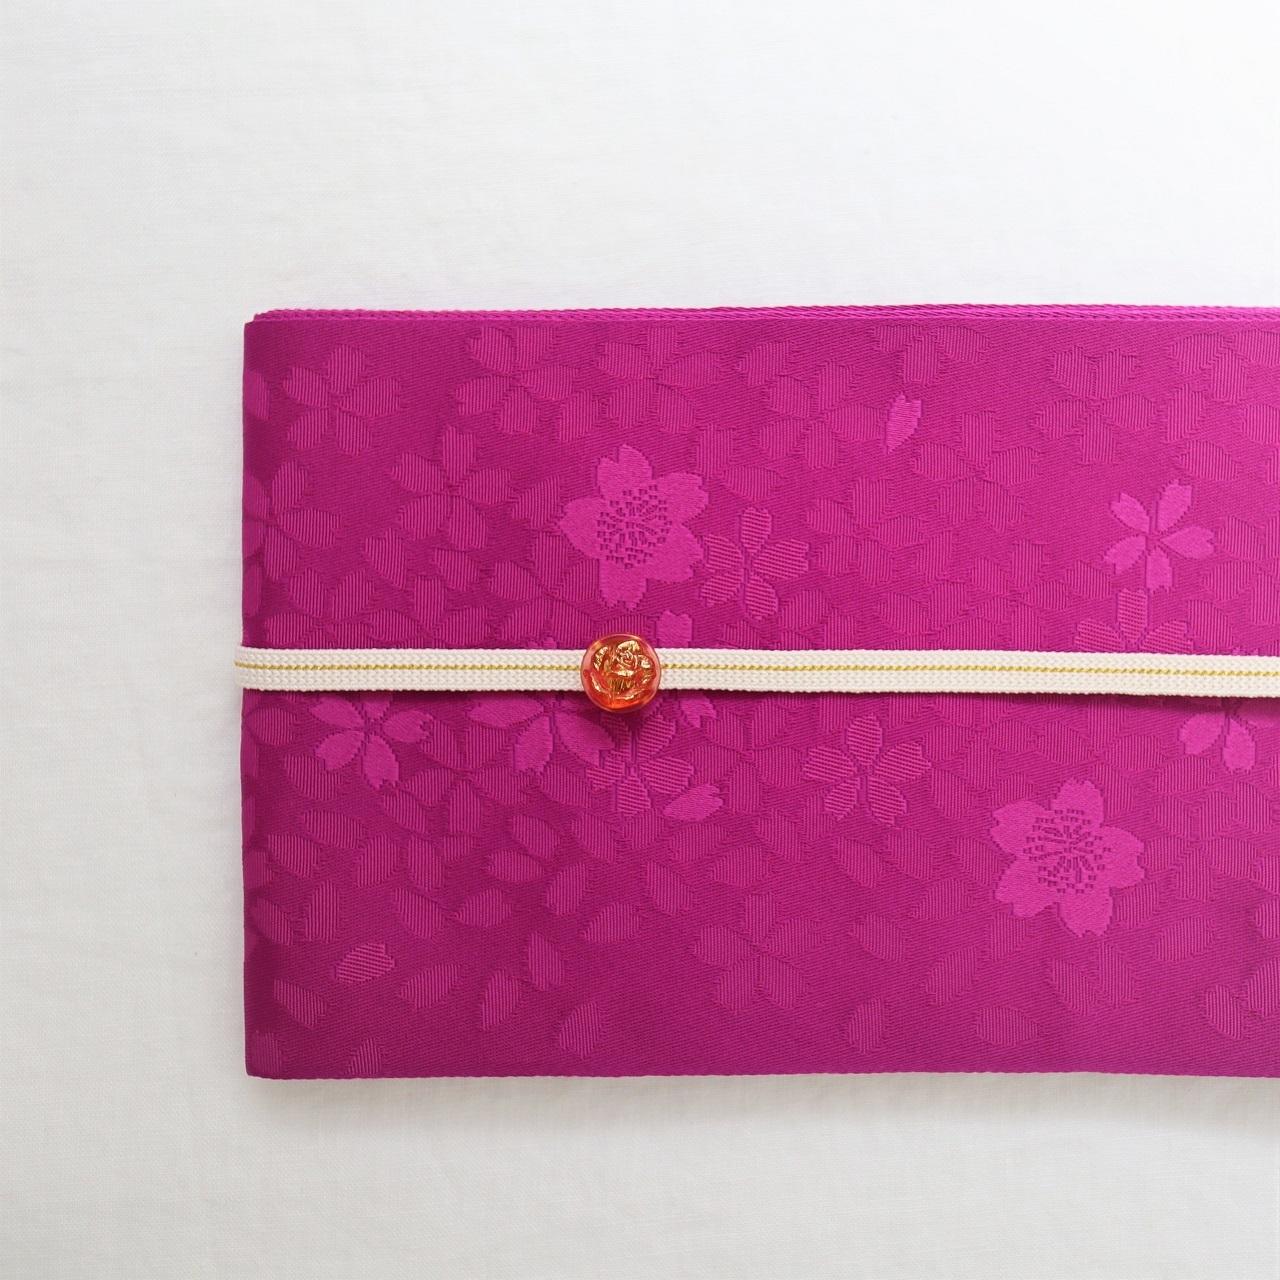 【ゆかた用 半巾帯】 ピンク系の紫色 桜